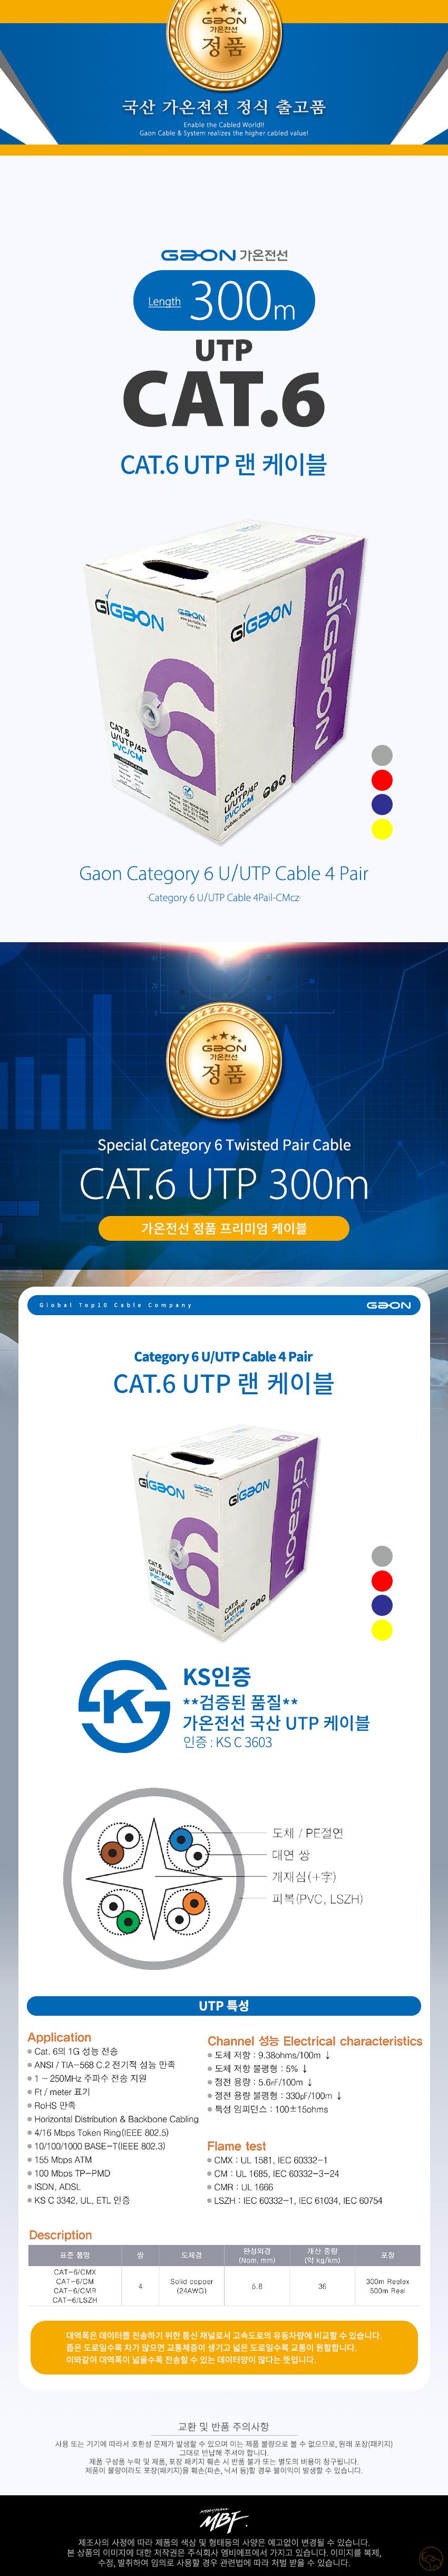 가온전선 CAT.6 UTP 랜케이블 (300m, 블루)